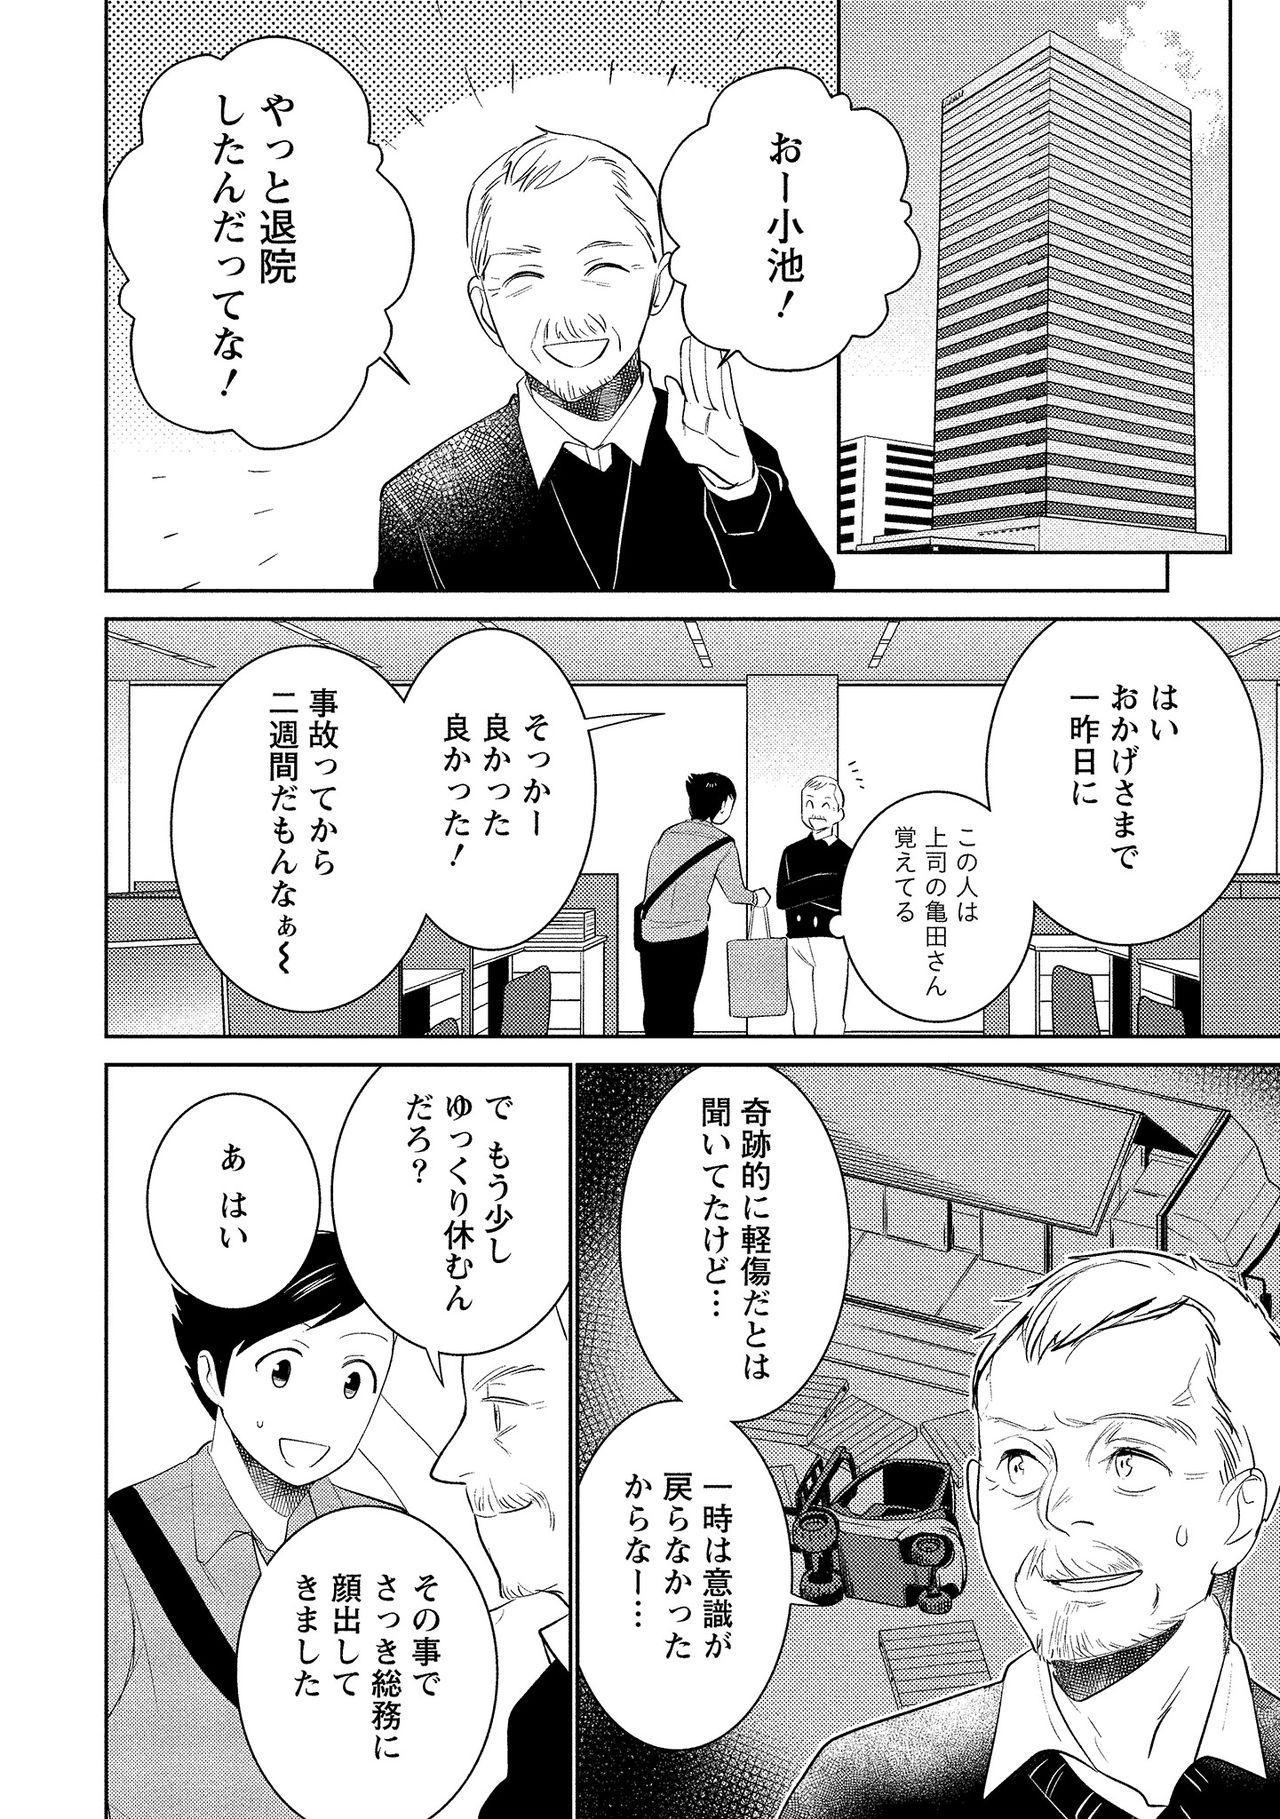 Dorobou Neko wa Kanojo no Hajimari 42